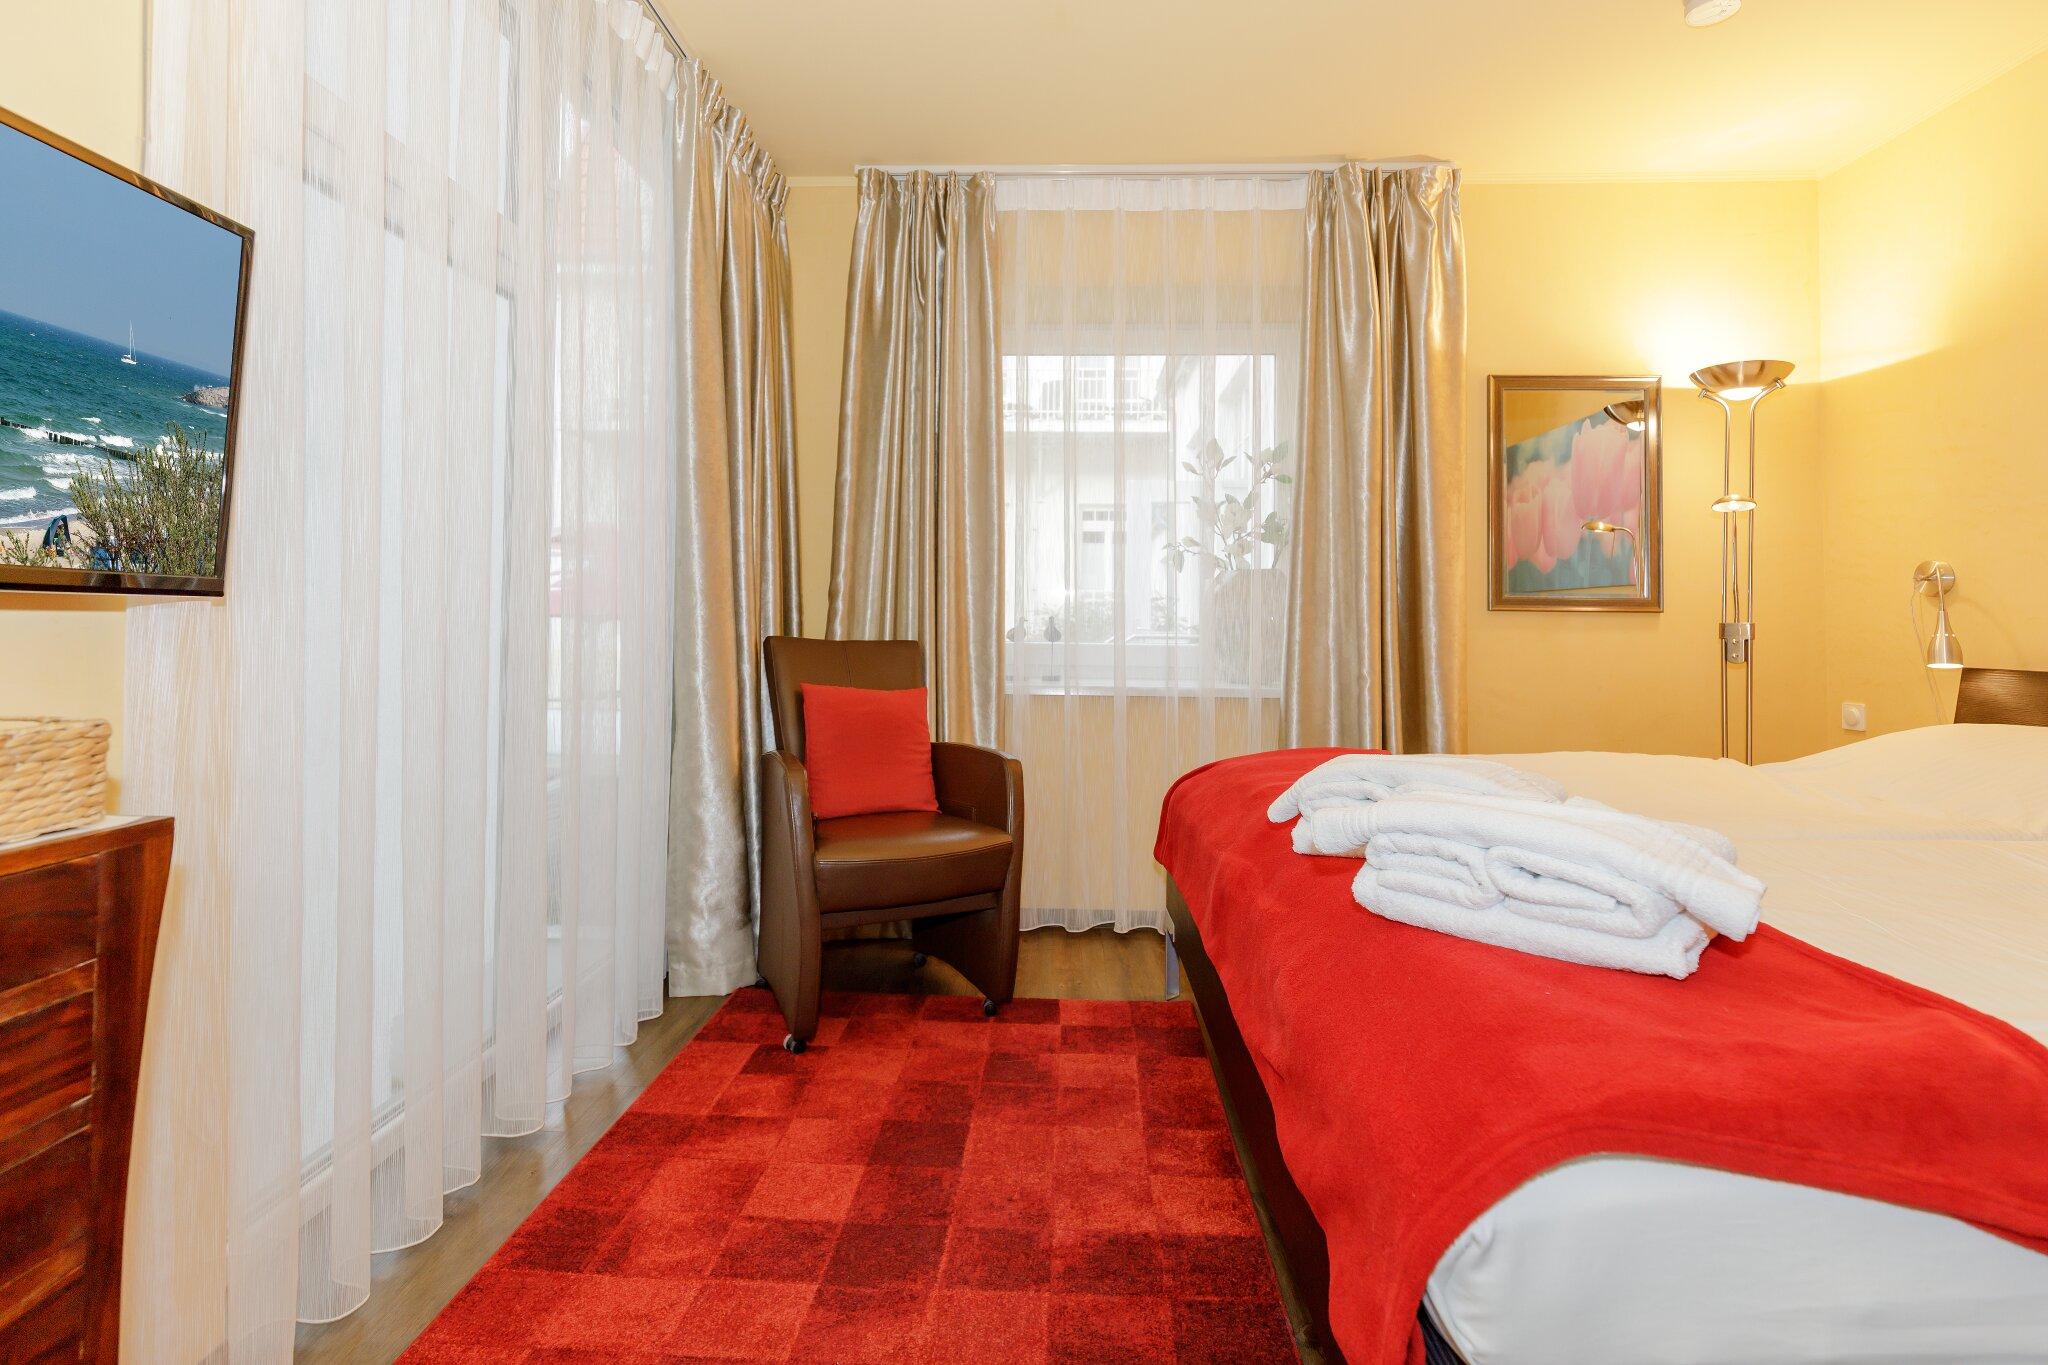 Schlafzimmer - Bett (190 x 200 cm)